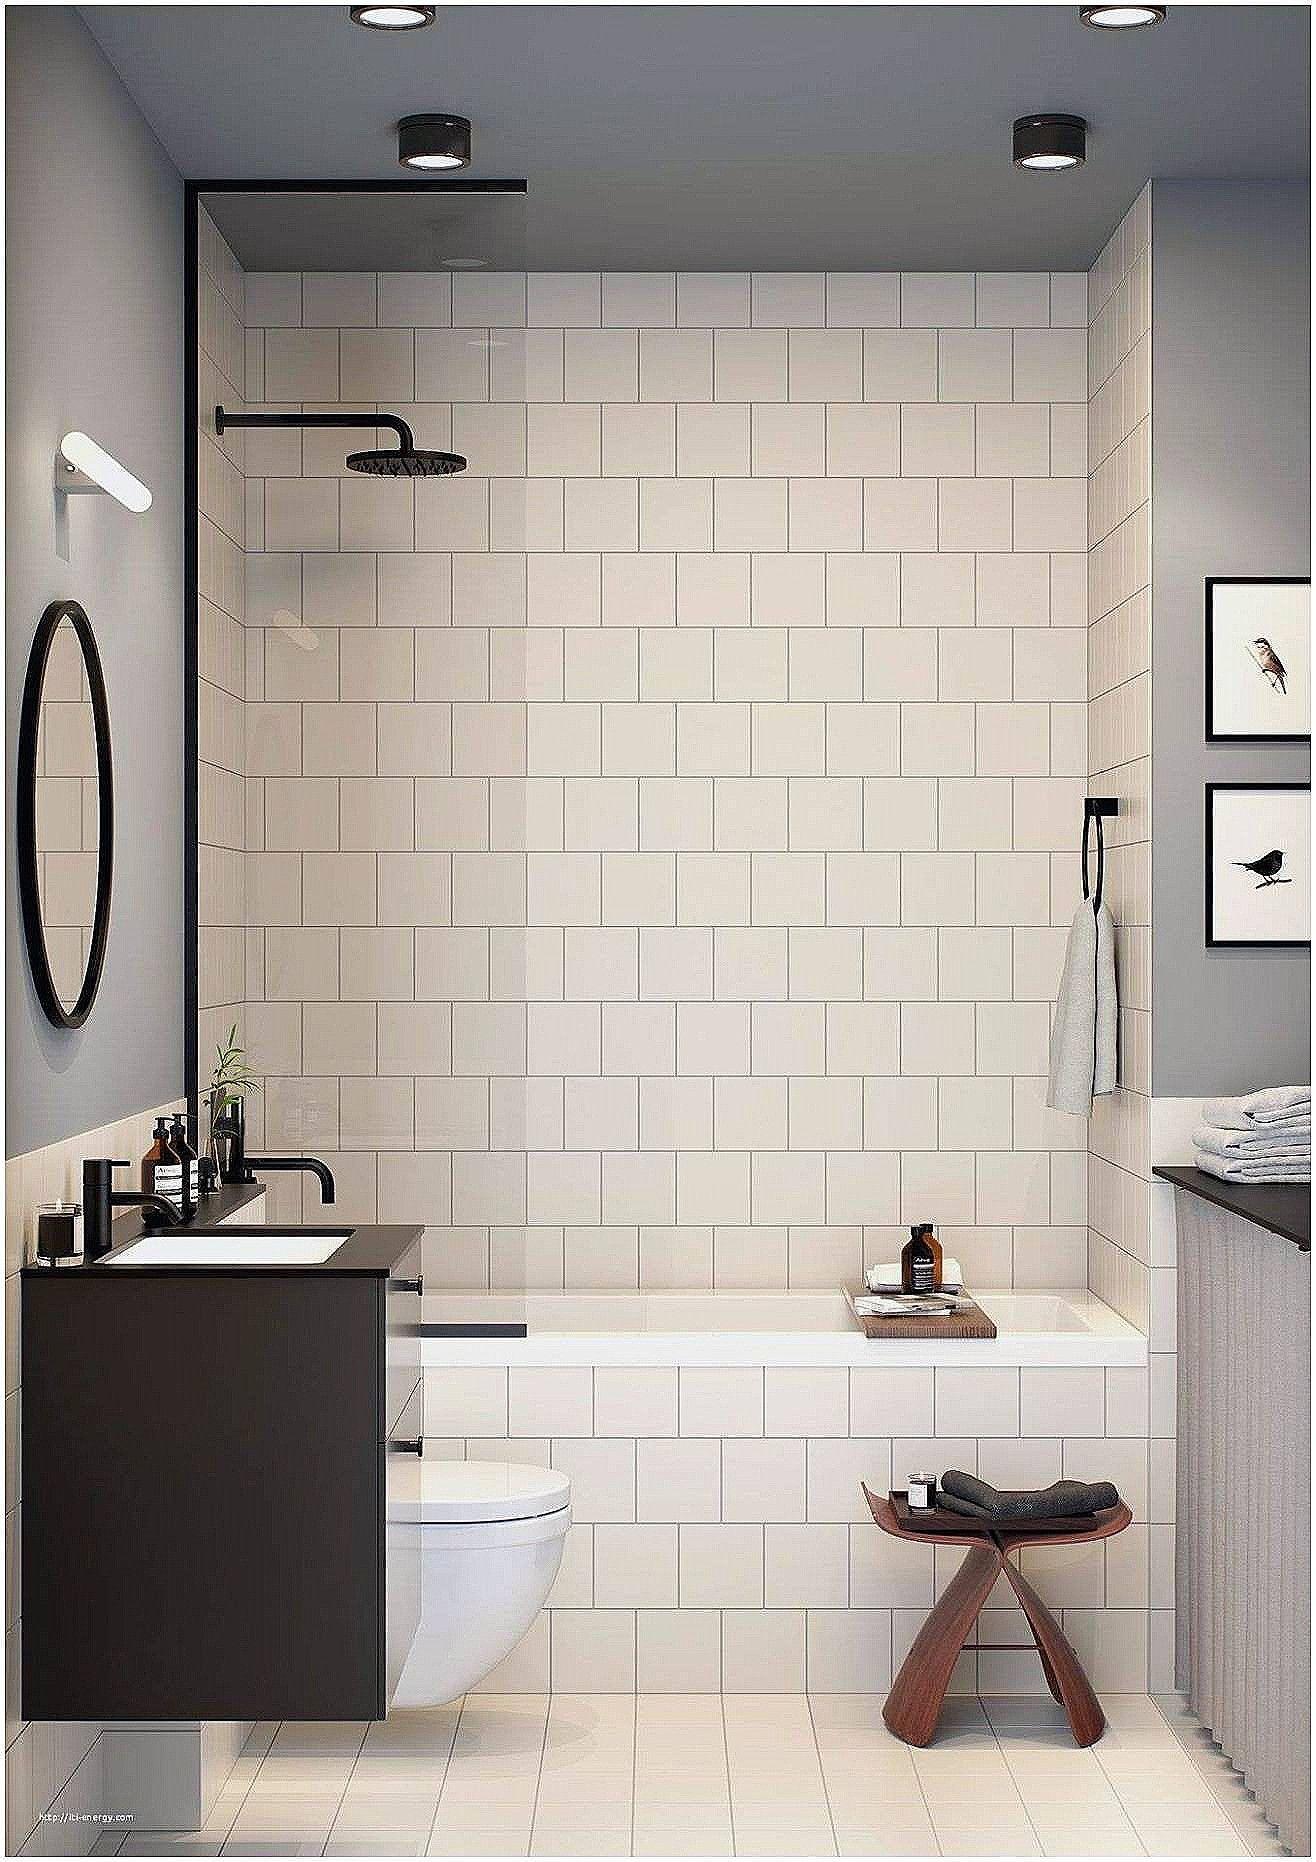 Unique Bathroom Designs In The Philippines Bathroomdesigns Bathroom Design Small Modern Toilet And Bathroom Design Best Bathroom Designs